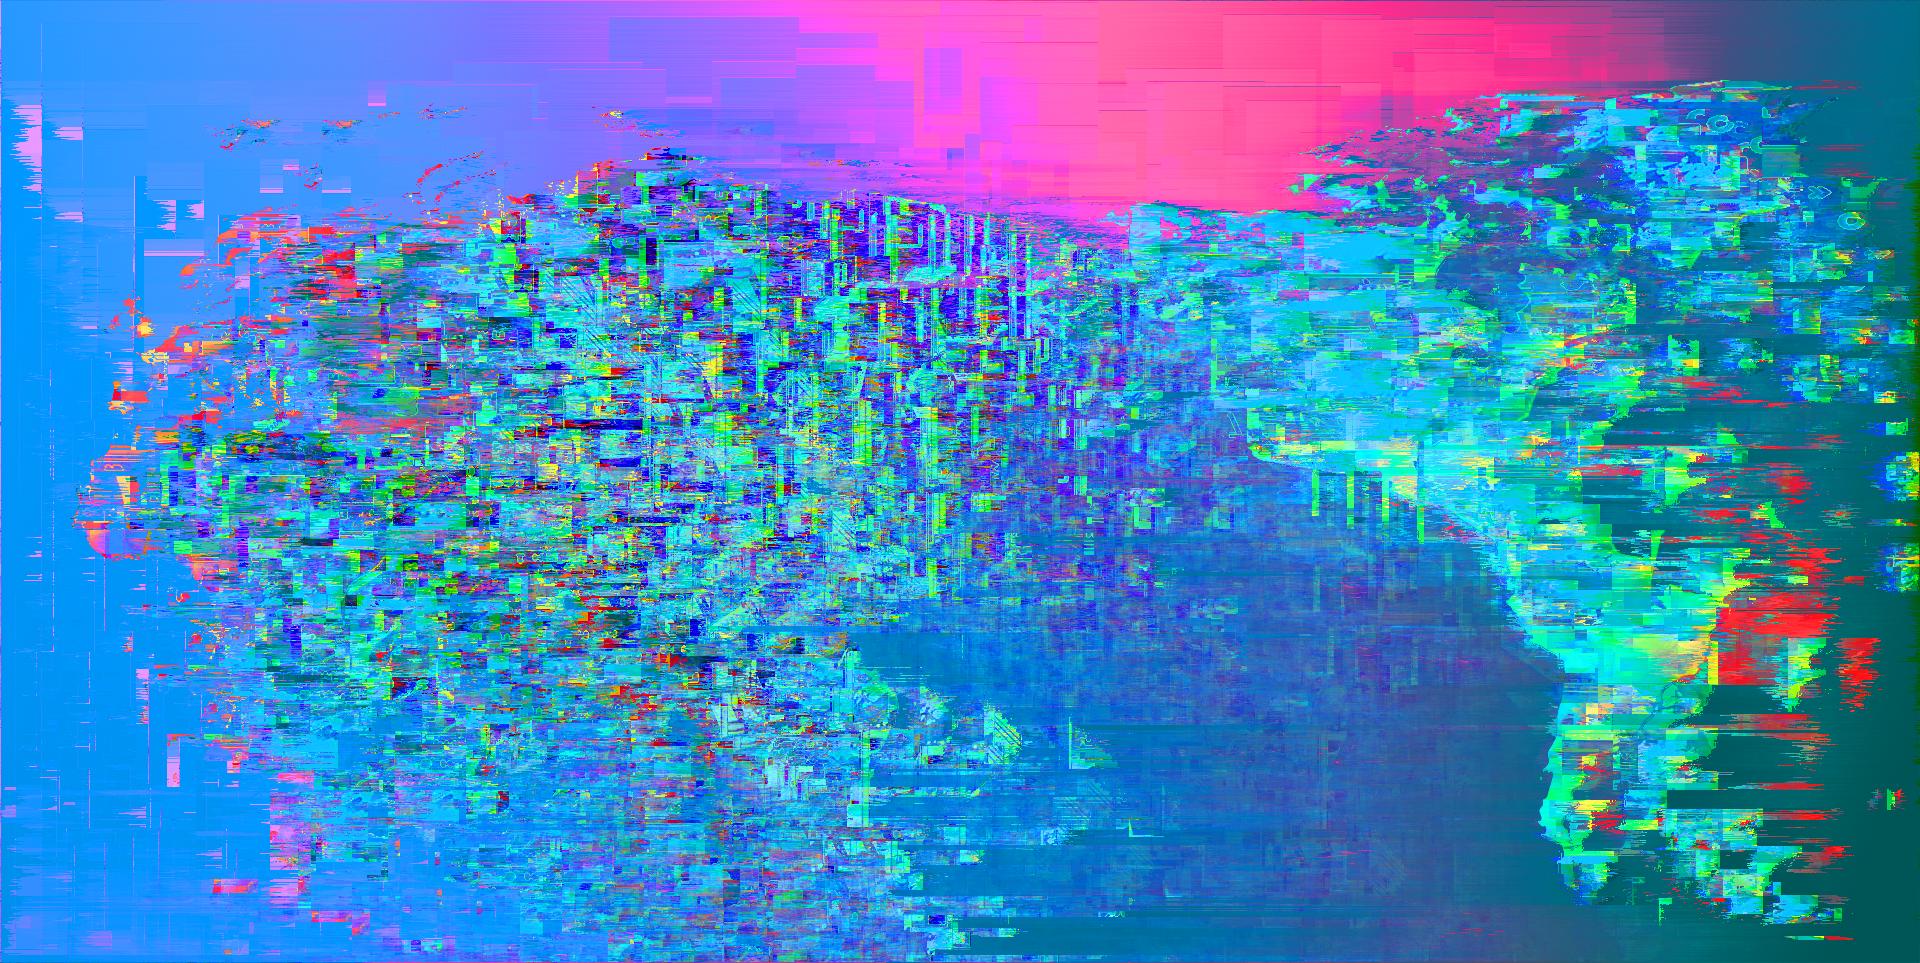 Moderne Weihnachtsbeleuchtung.Hintergrundbilder Illustration Glitch Art Blau